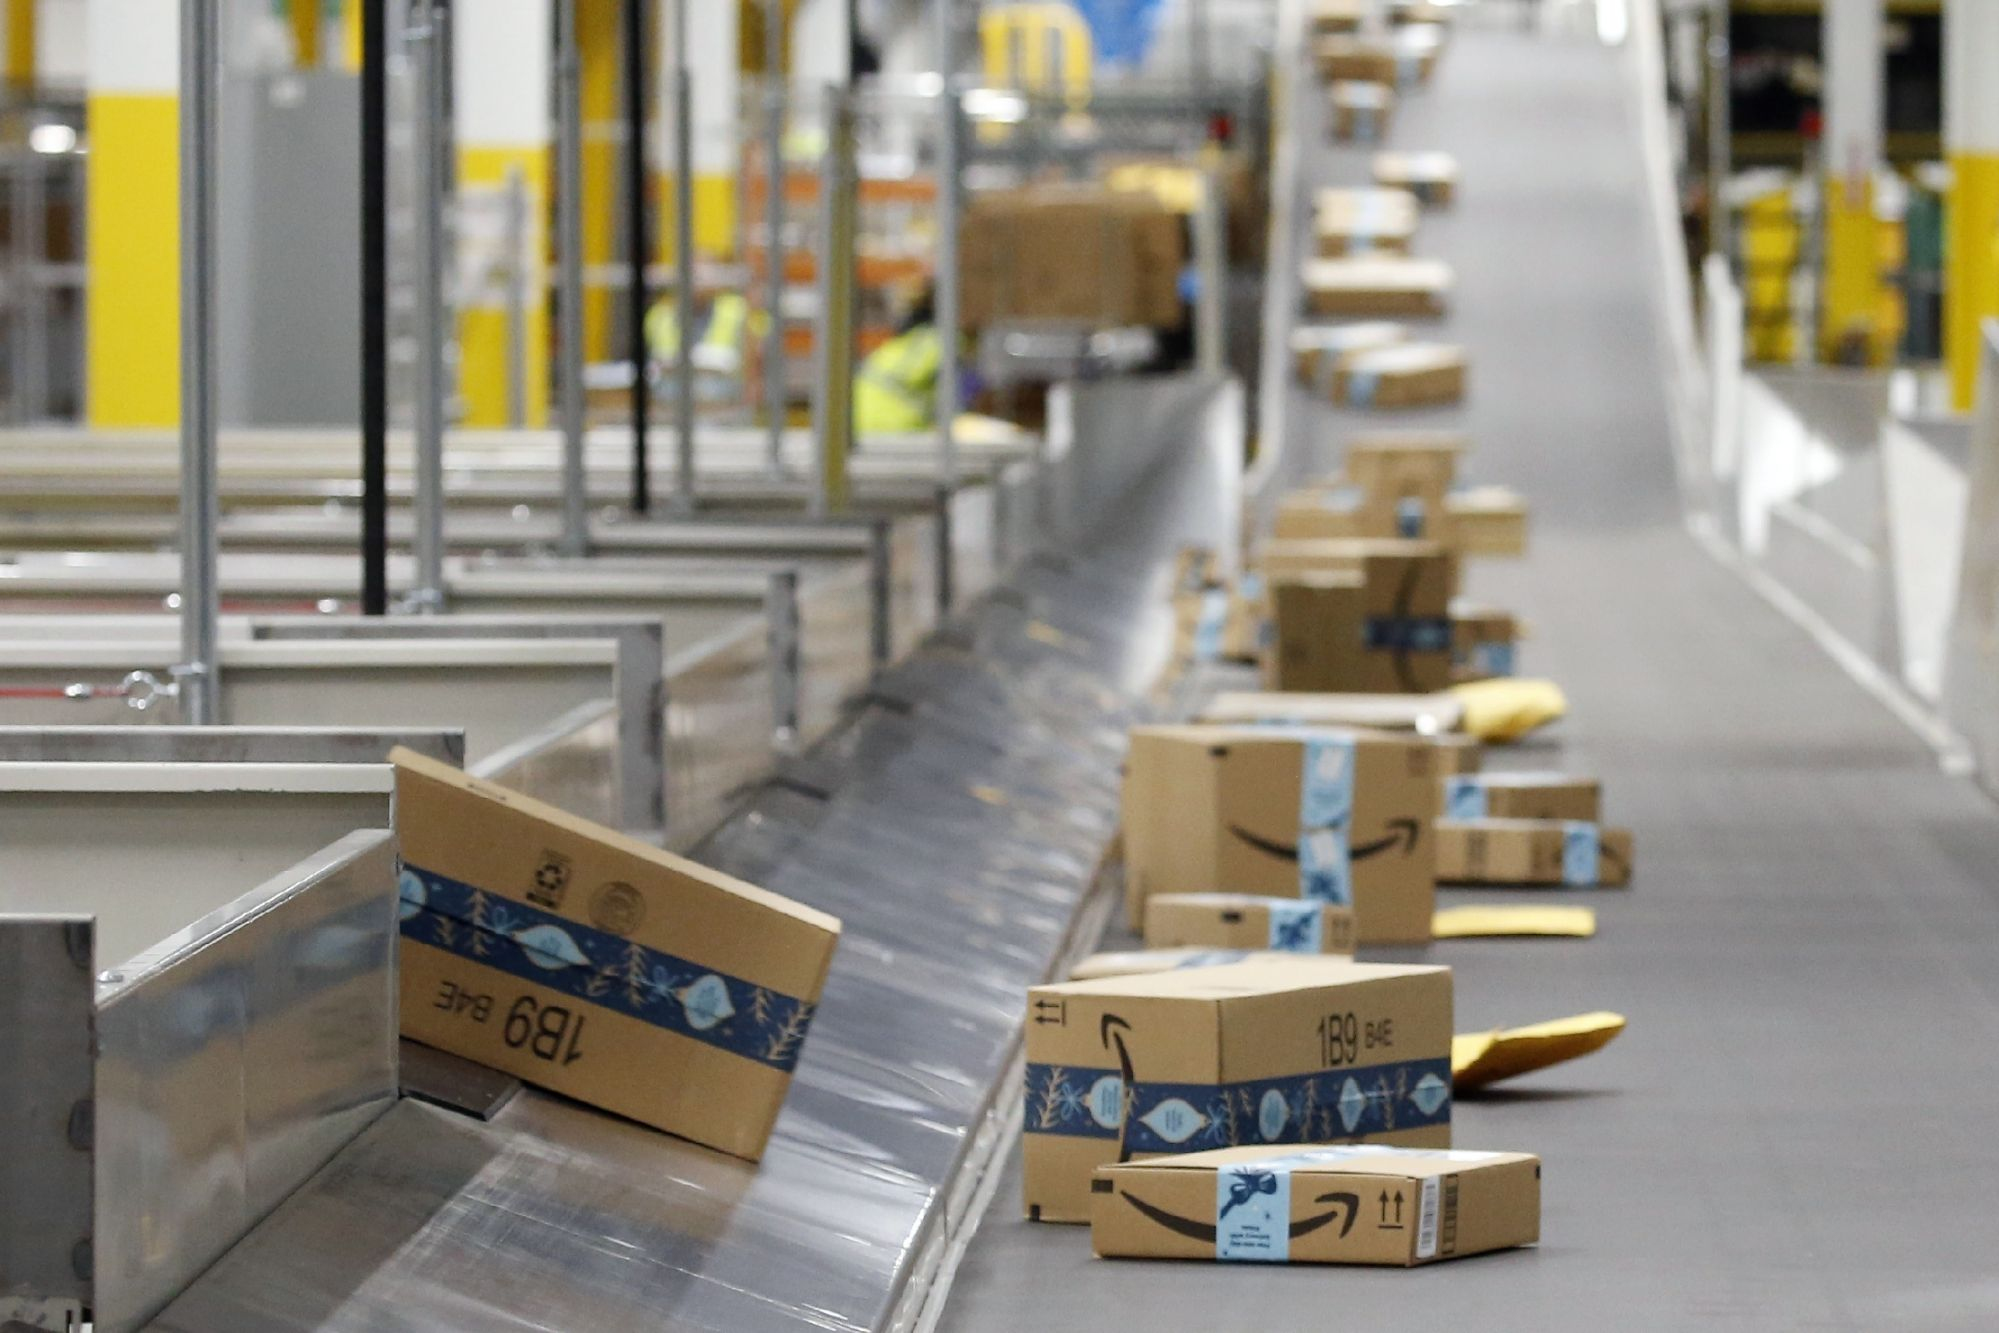 NY AG James Sues Amazon For Lack of COVID Protocols in NY Warehouses